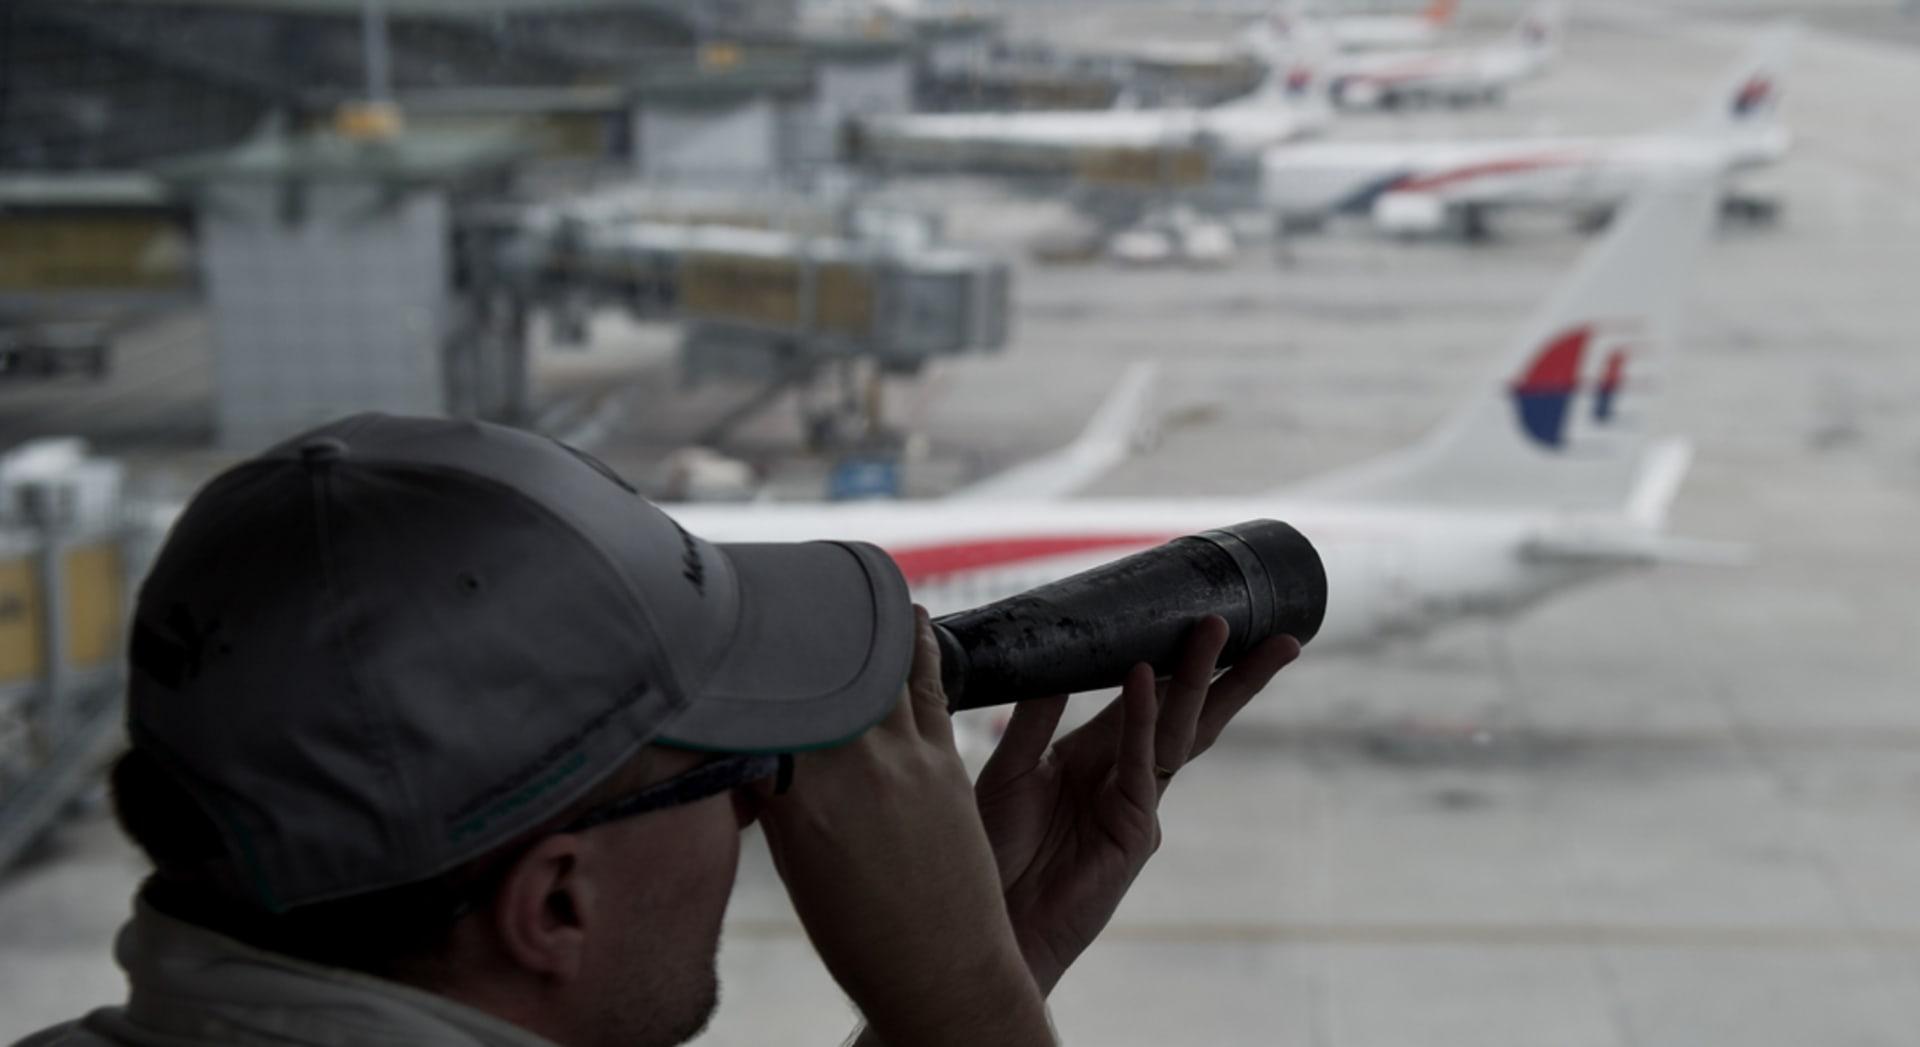 صحف العالم: قد لا يُعثر على الطائرة الماليزية  أبدا، وربع مليون جنيه لعذرية بالمزاد